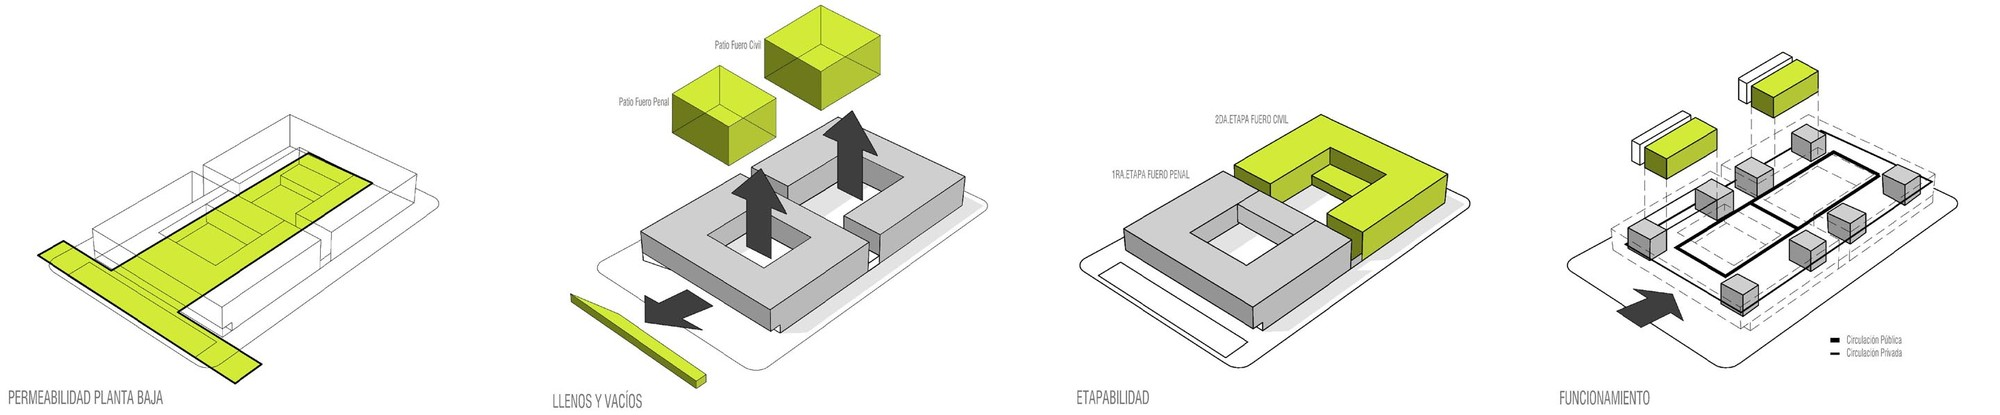 Estrategias de diseño. Image Cortesia de Equipo Primer Lugar